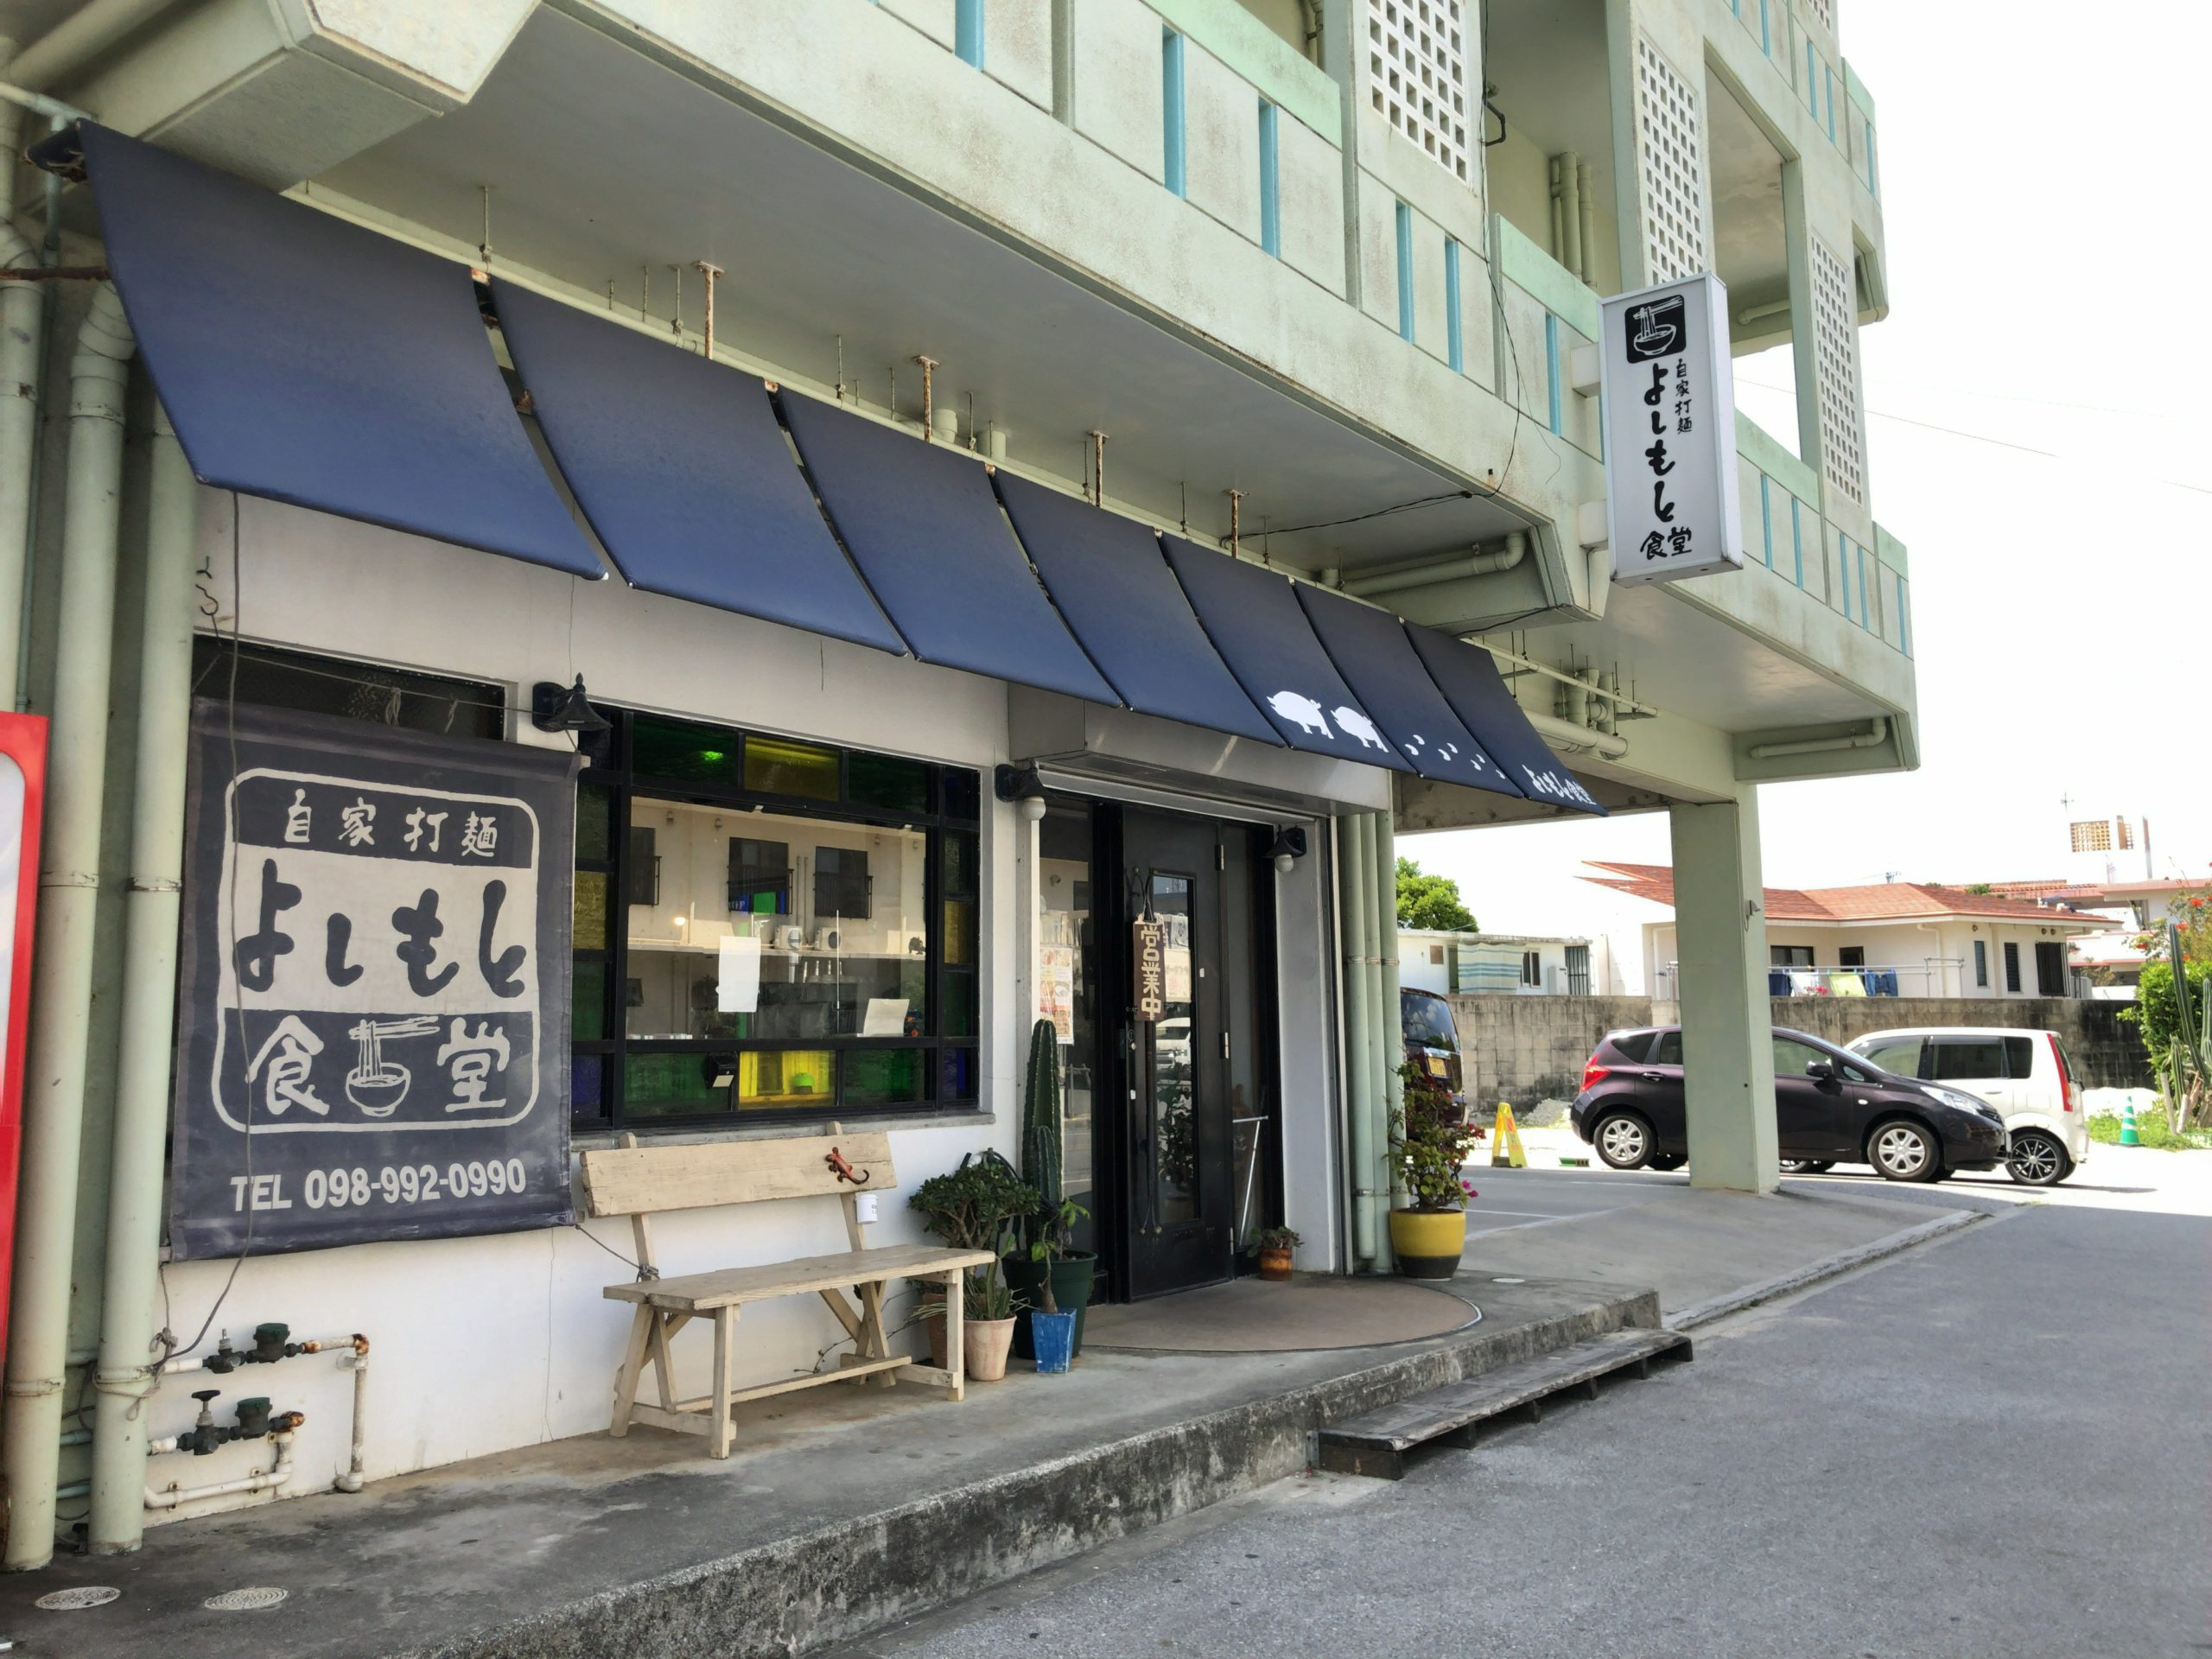 糸満市『よしもと食堂』自家製とうふ推しの店